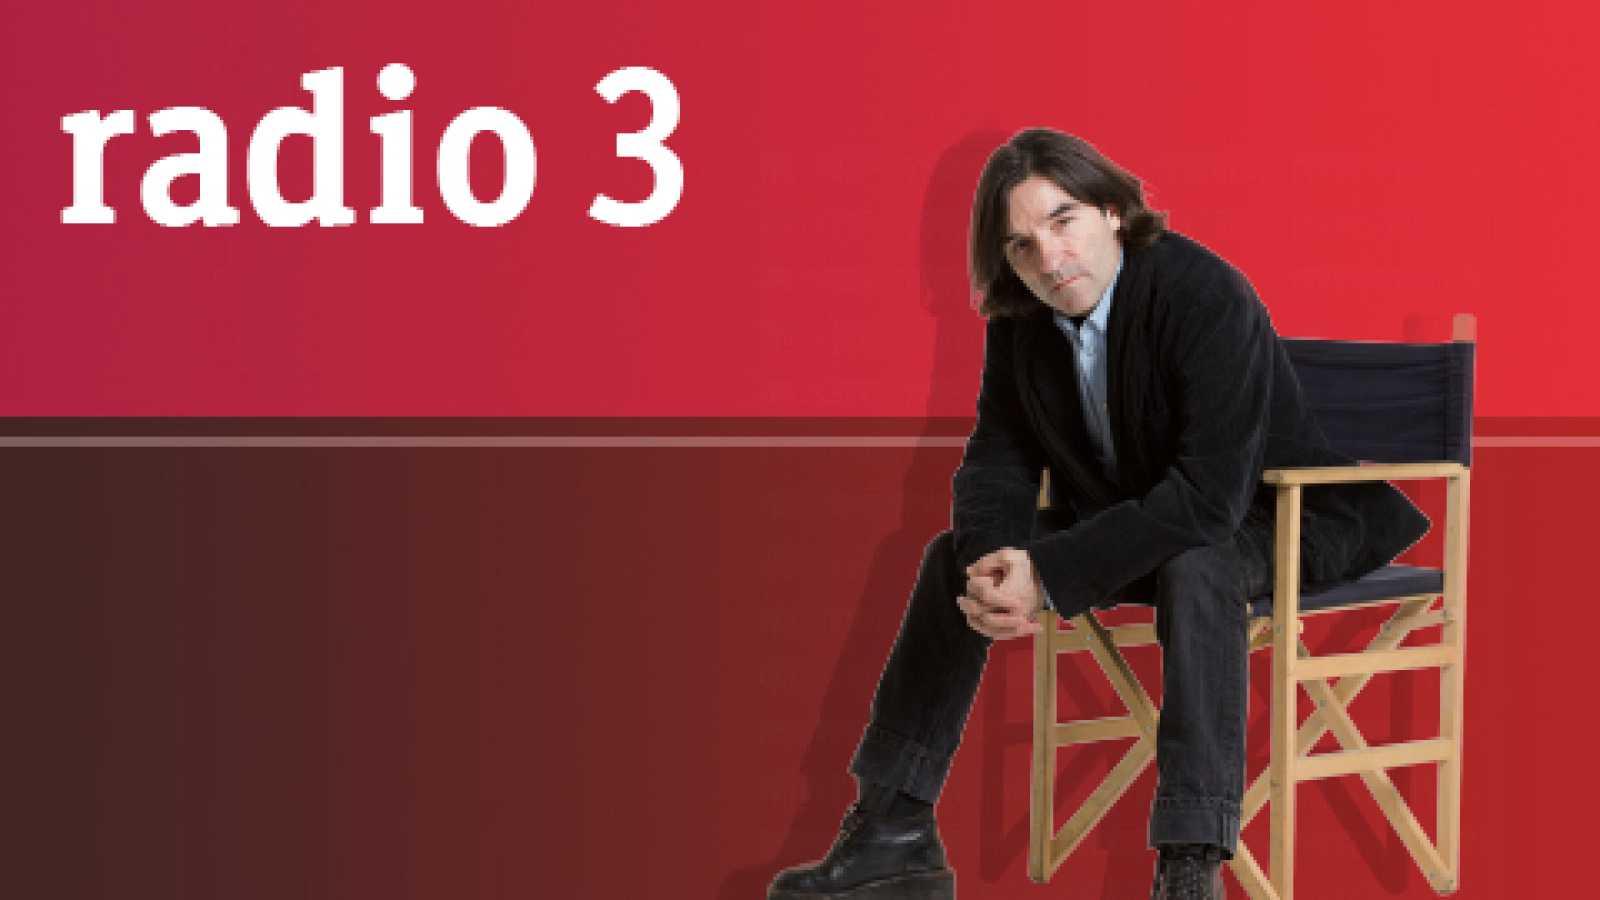 El séptimo vicio - Encuentro con Juanma Bajo Ulloa en el cine - 17/12/20 - escuchar ahora